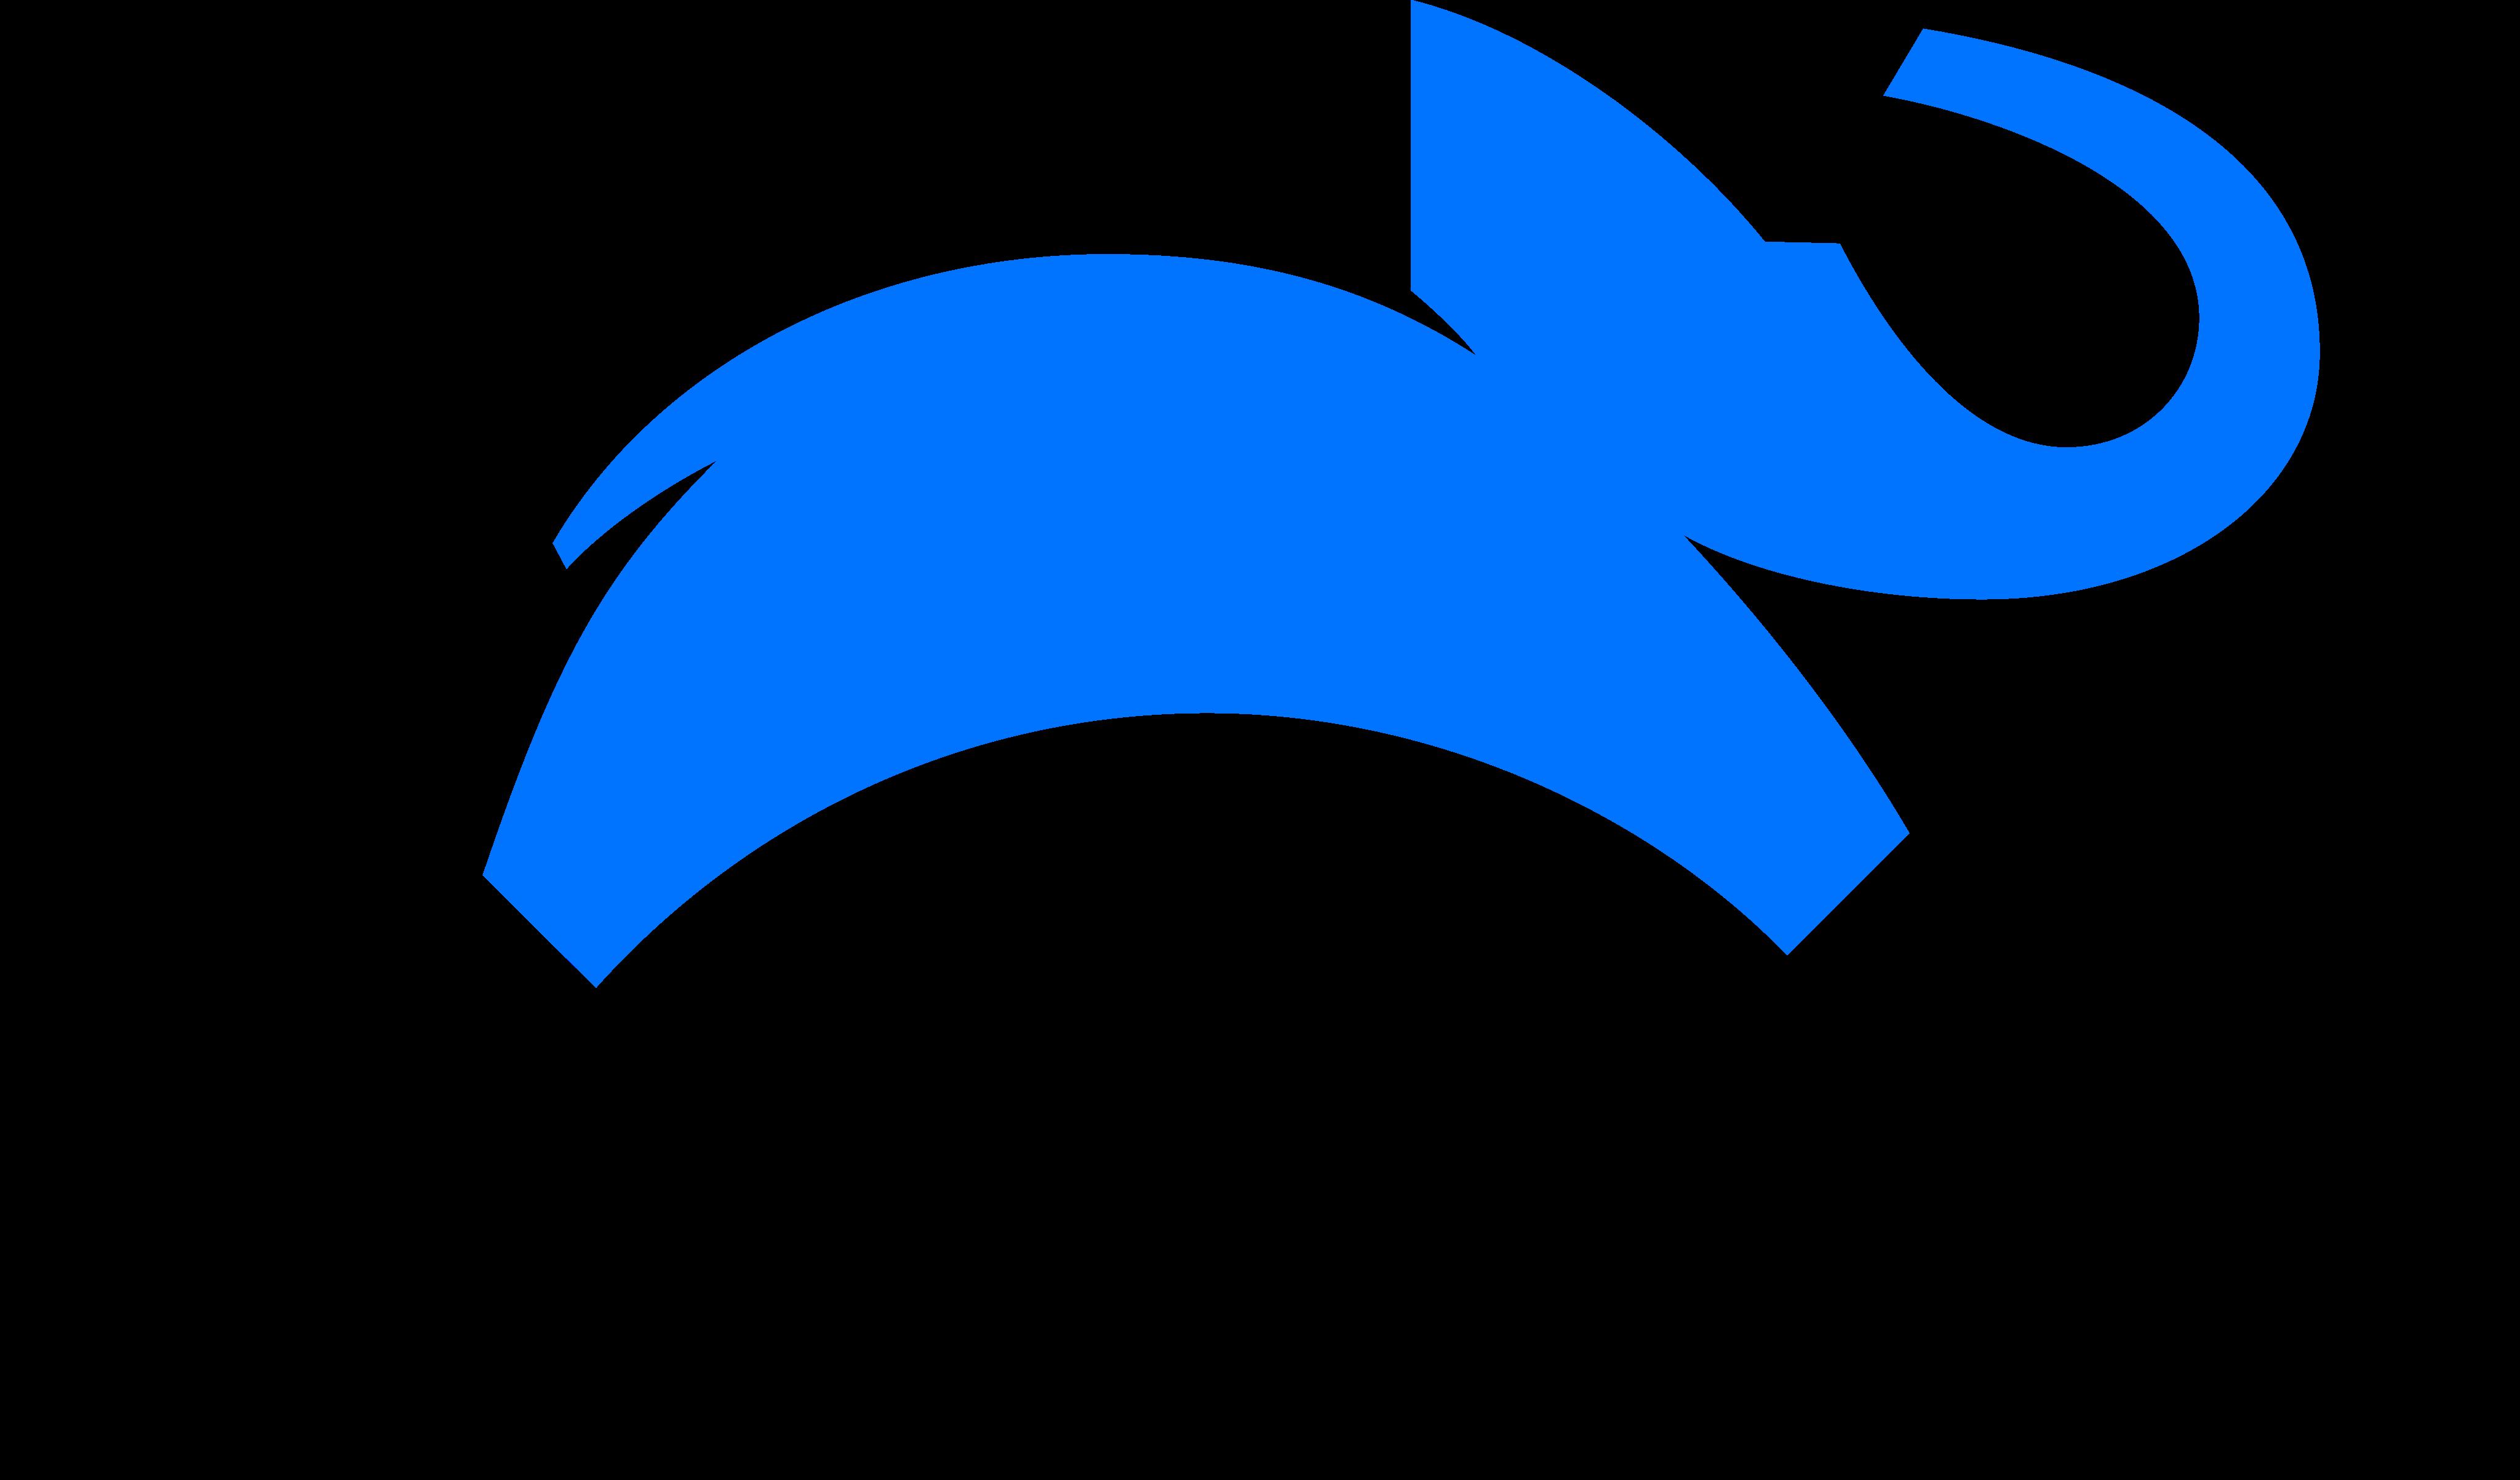 animal planet logo - Animal Planet Logo